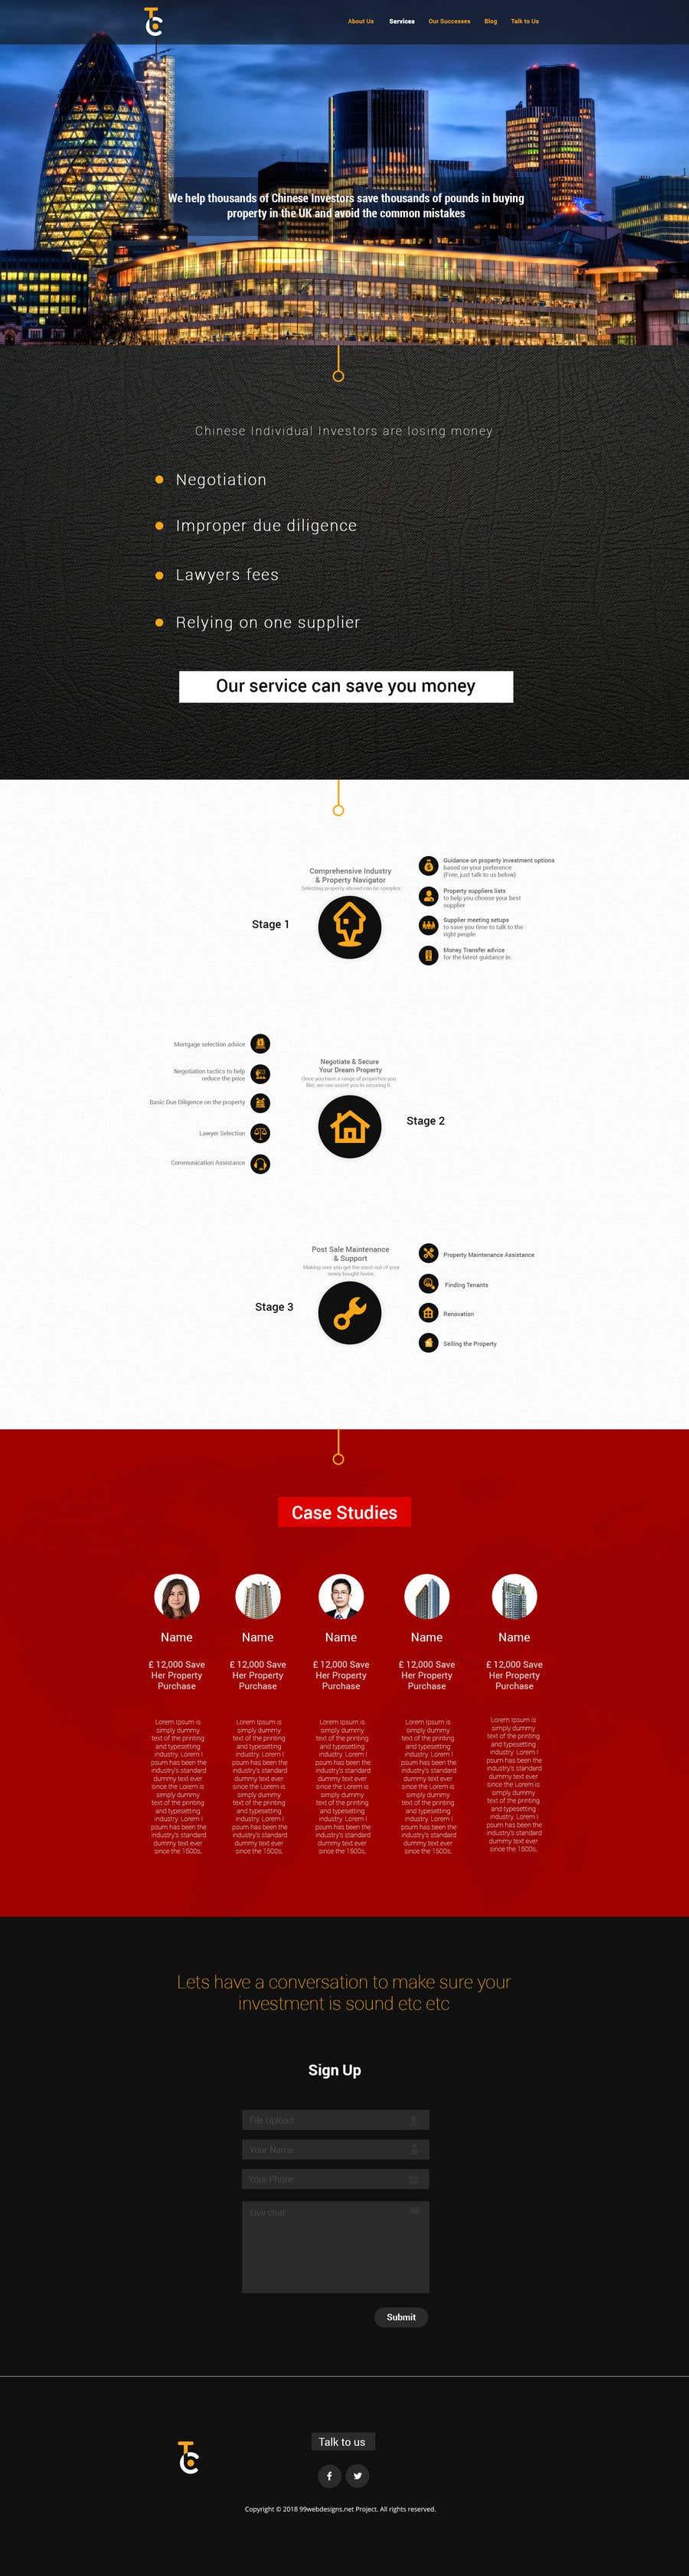 Penyertaan Peraduan #48 untuk Design a New Website Mockup (Just Design, No Code)!